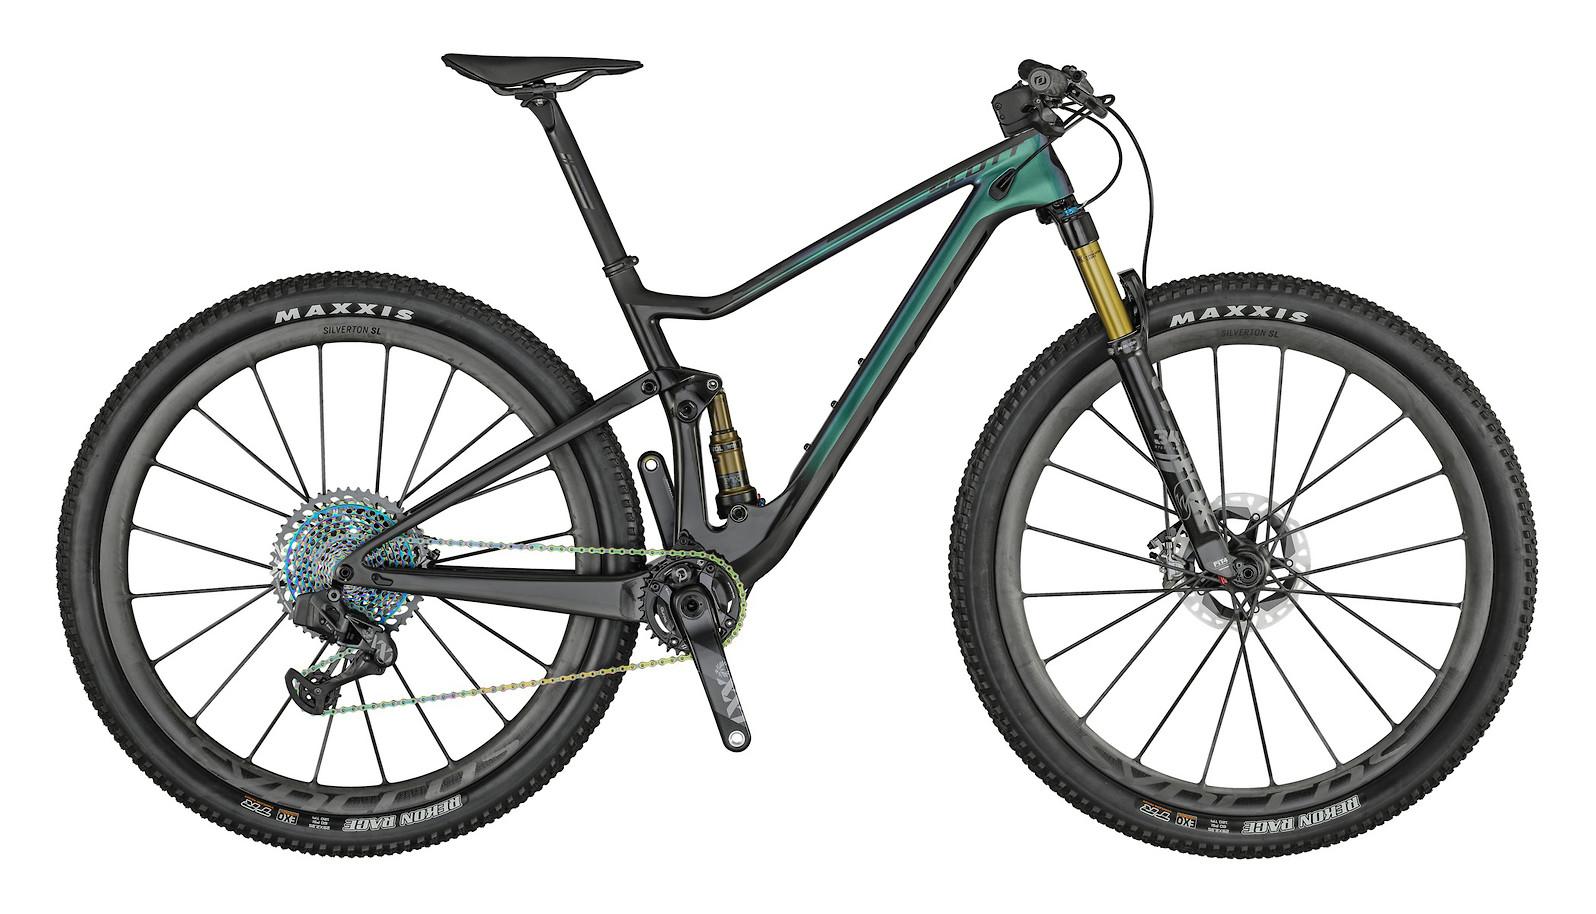 2021 Scott Spark RC 900 Pro Bike - Reviews, Comparisons